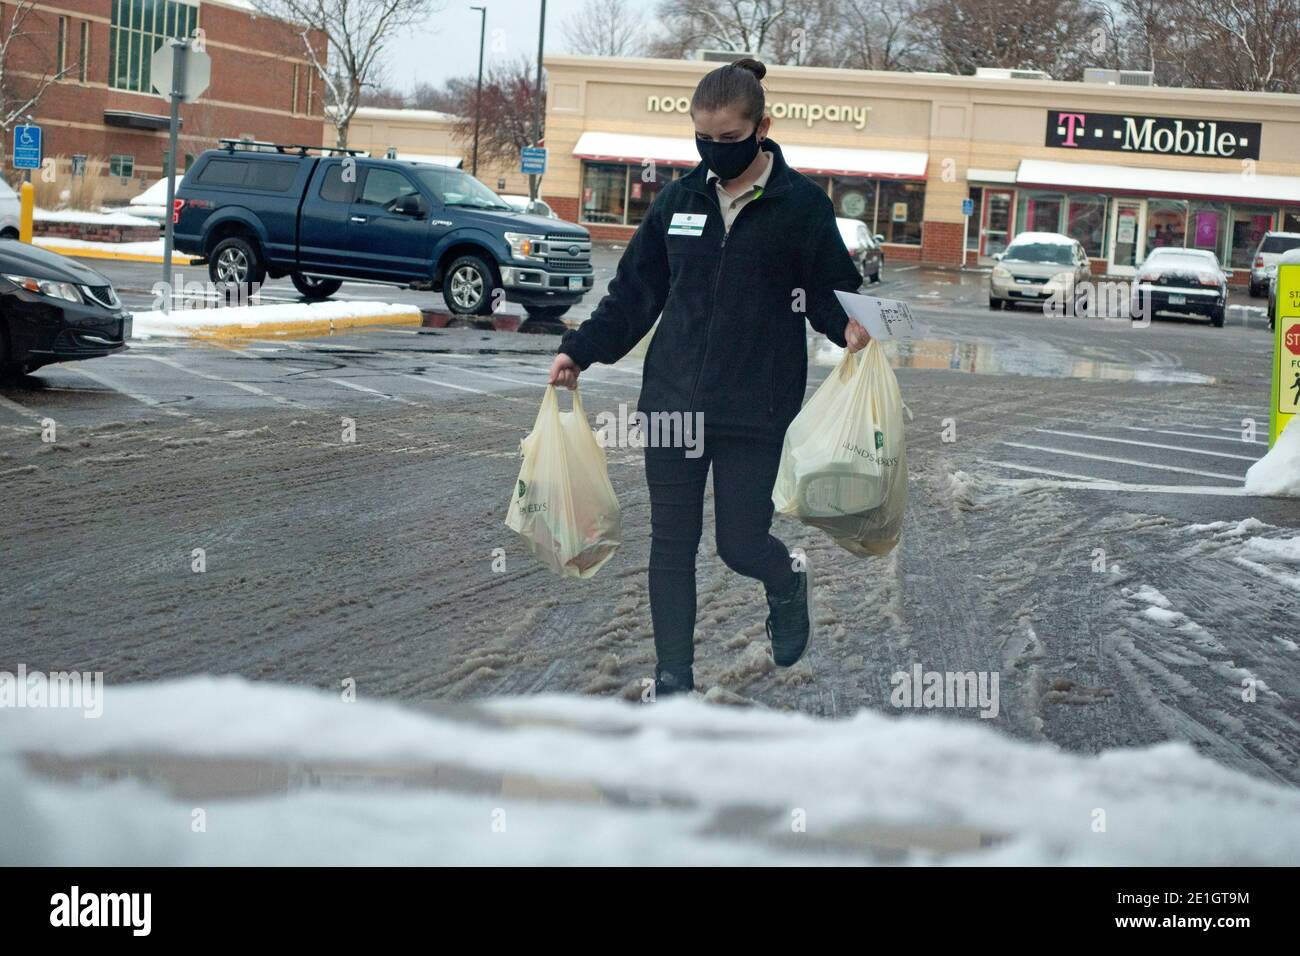 Trabajador enmascarado que trae comestibles al borde de la acera a un coche de Lunds Byerlys tienda de comestibles durante el Covid Pandemic. St Paul Minnesota MN EE.UU Foto de stock